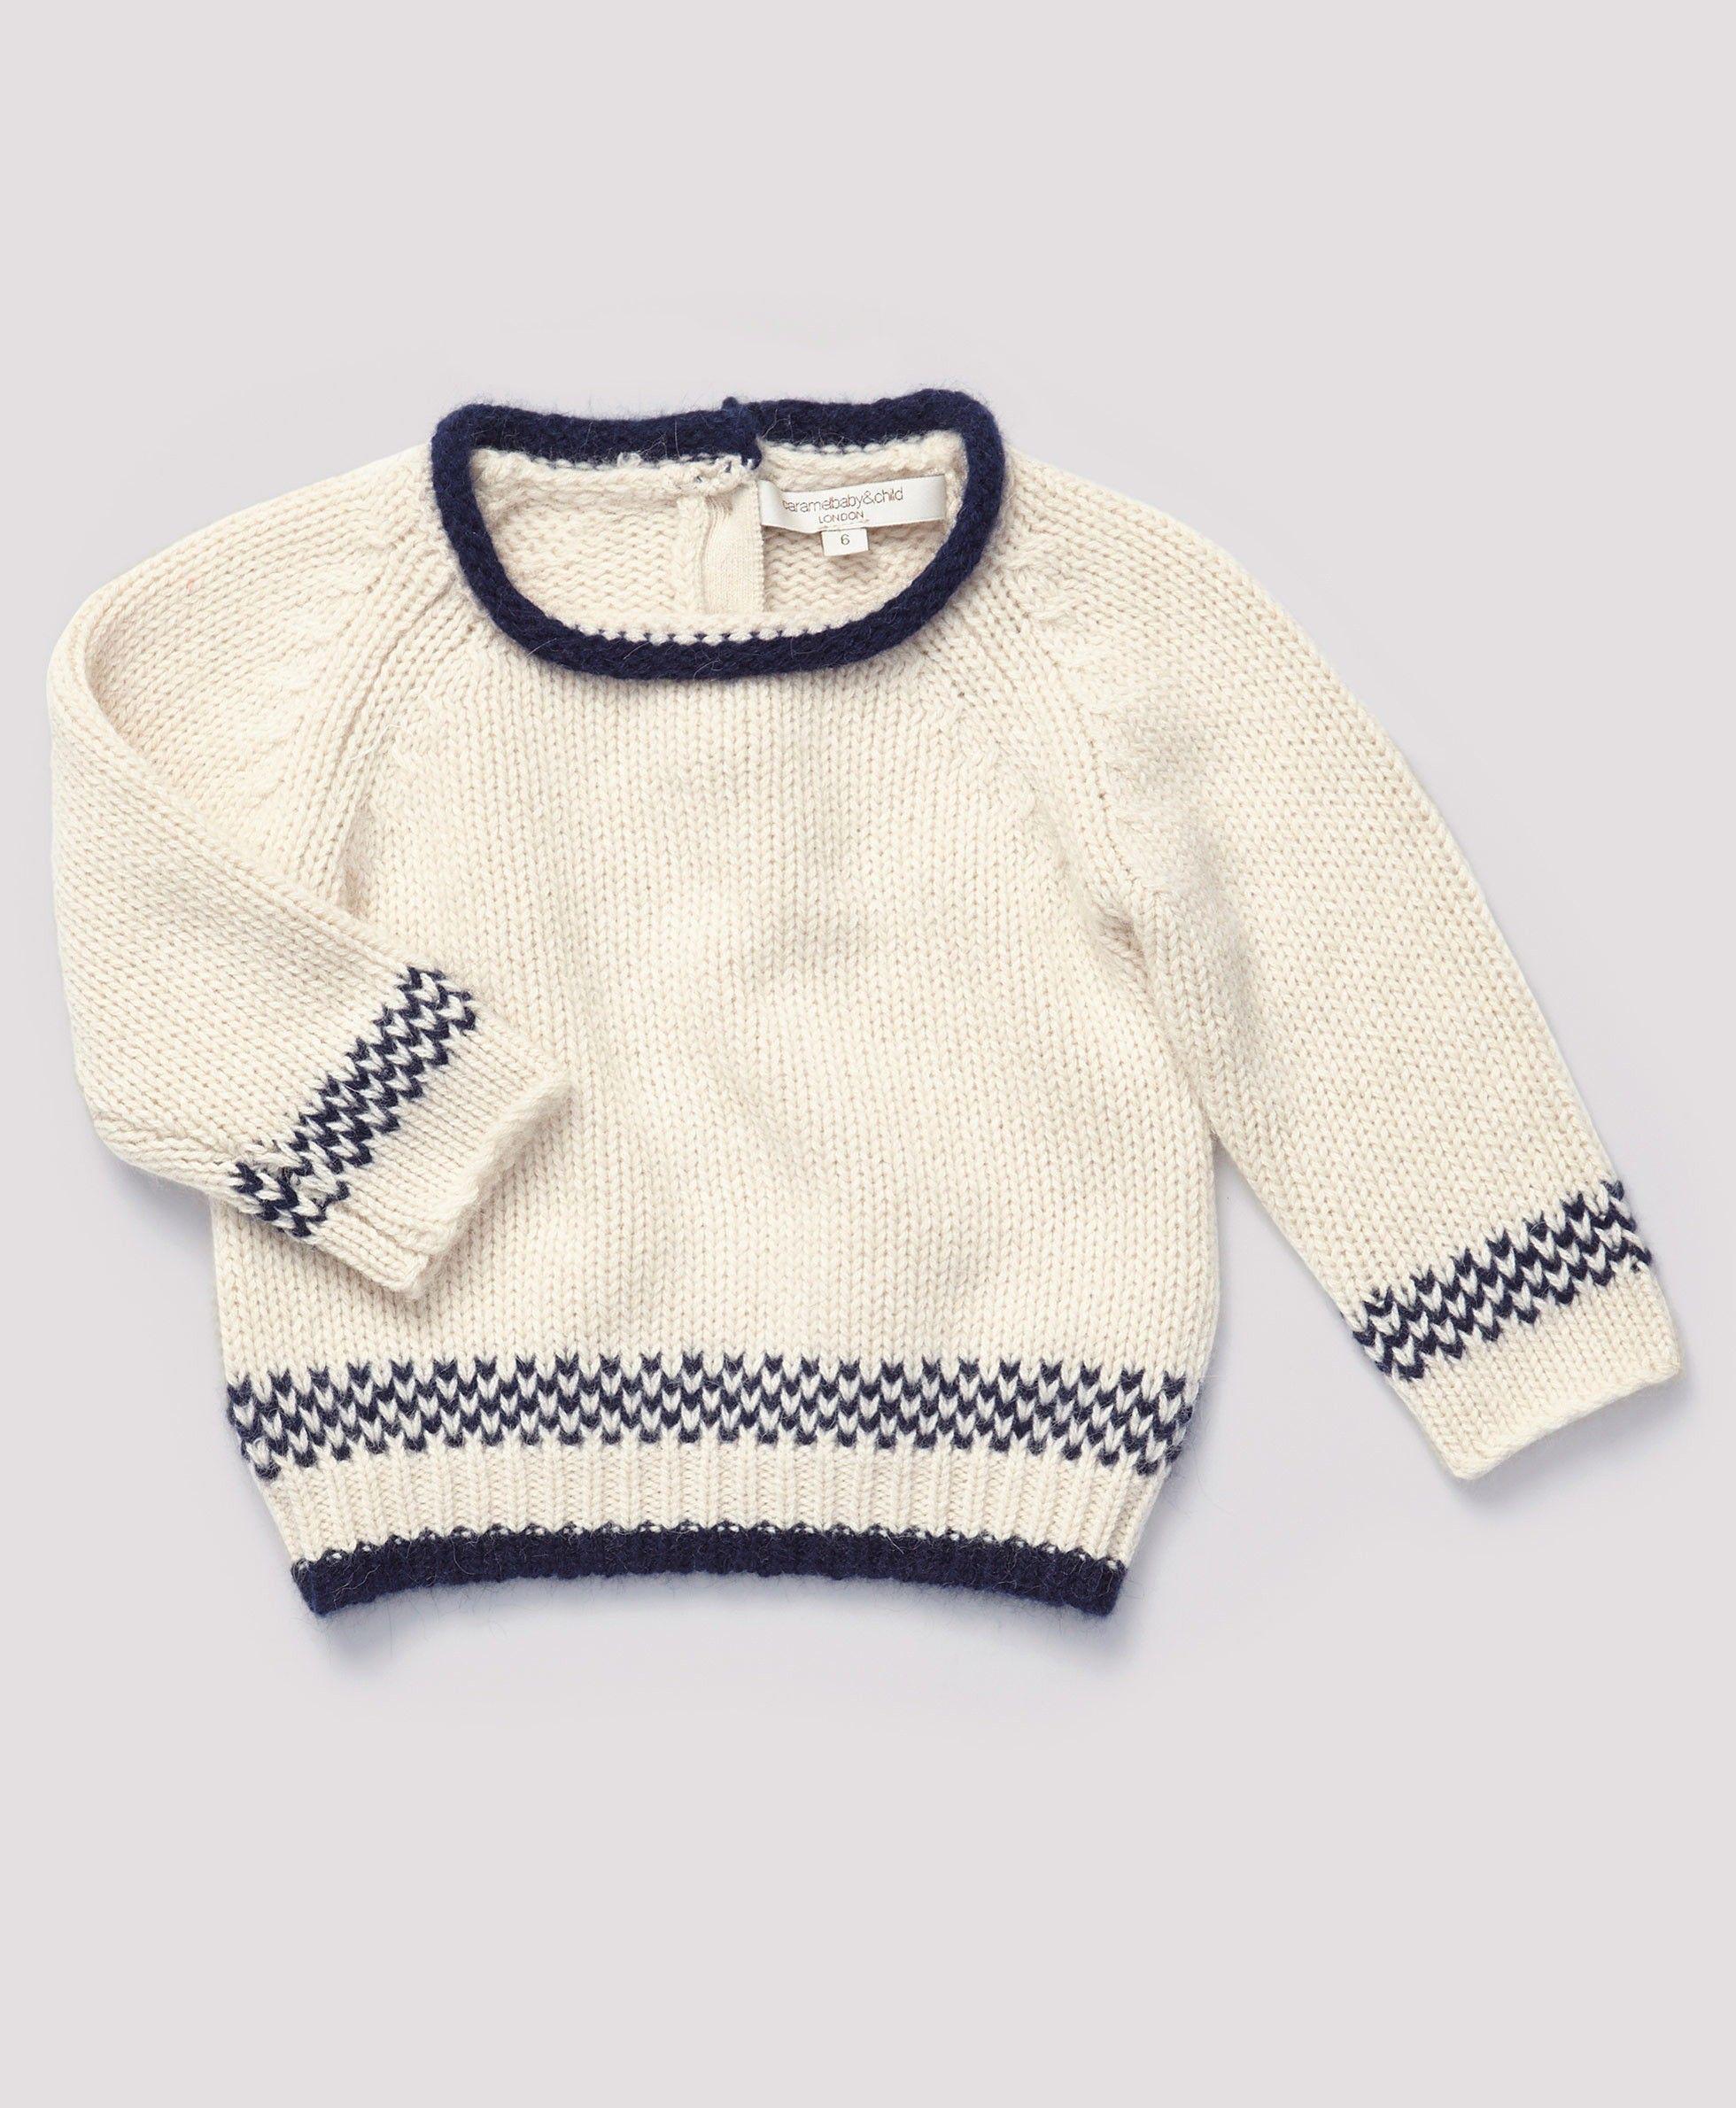 aa2748710312 Baby Knitwear